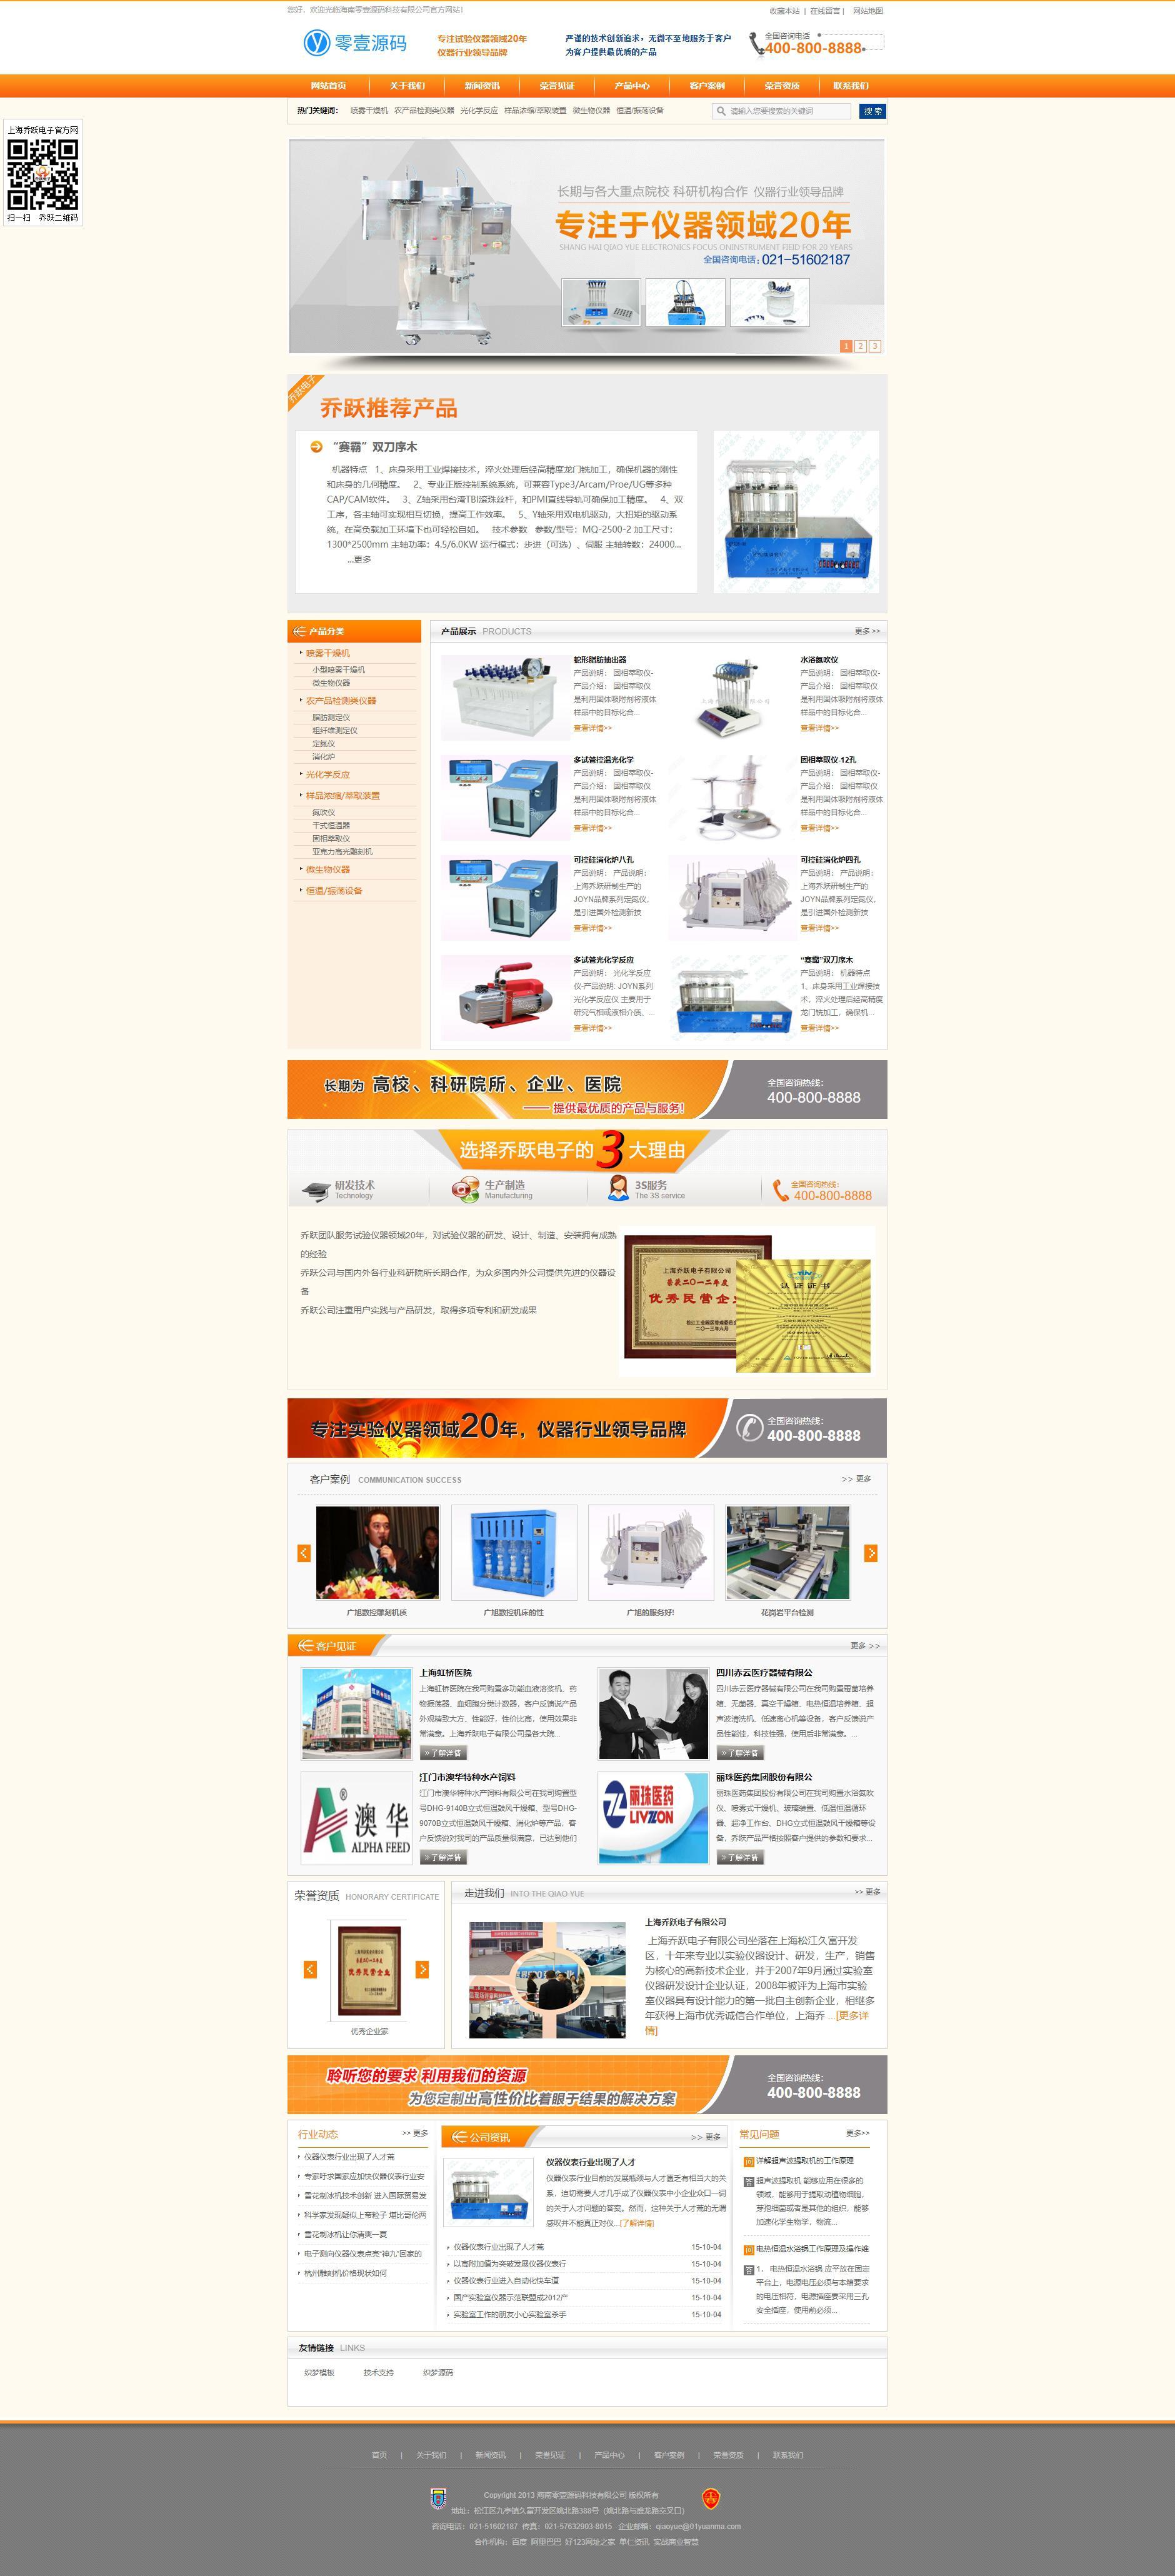 营销型机械设备电子类PHP企业网站织梦dedecms源码